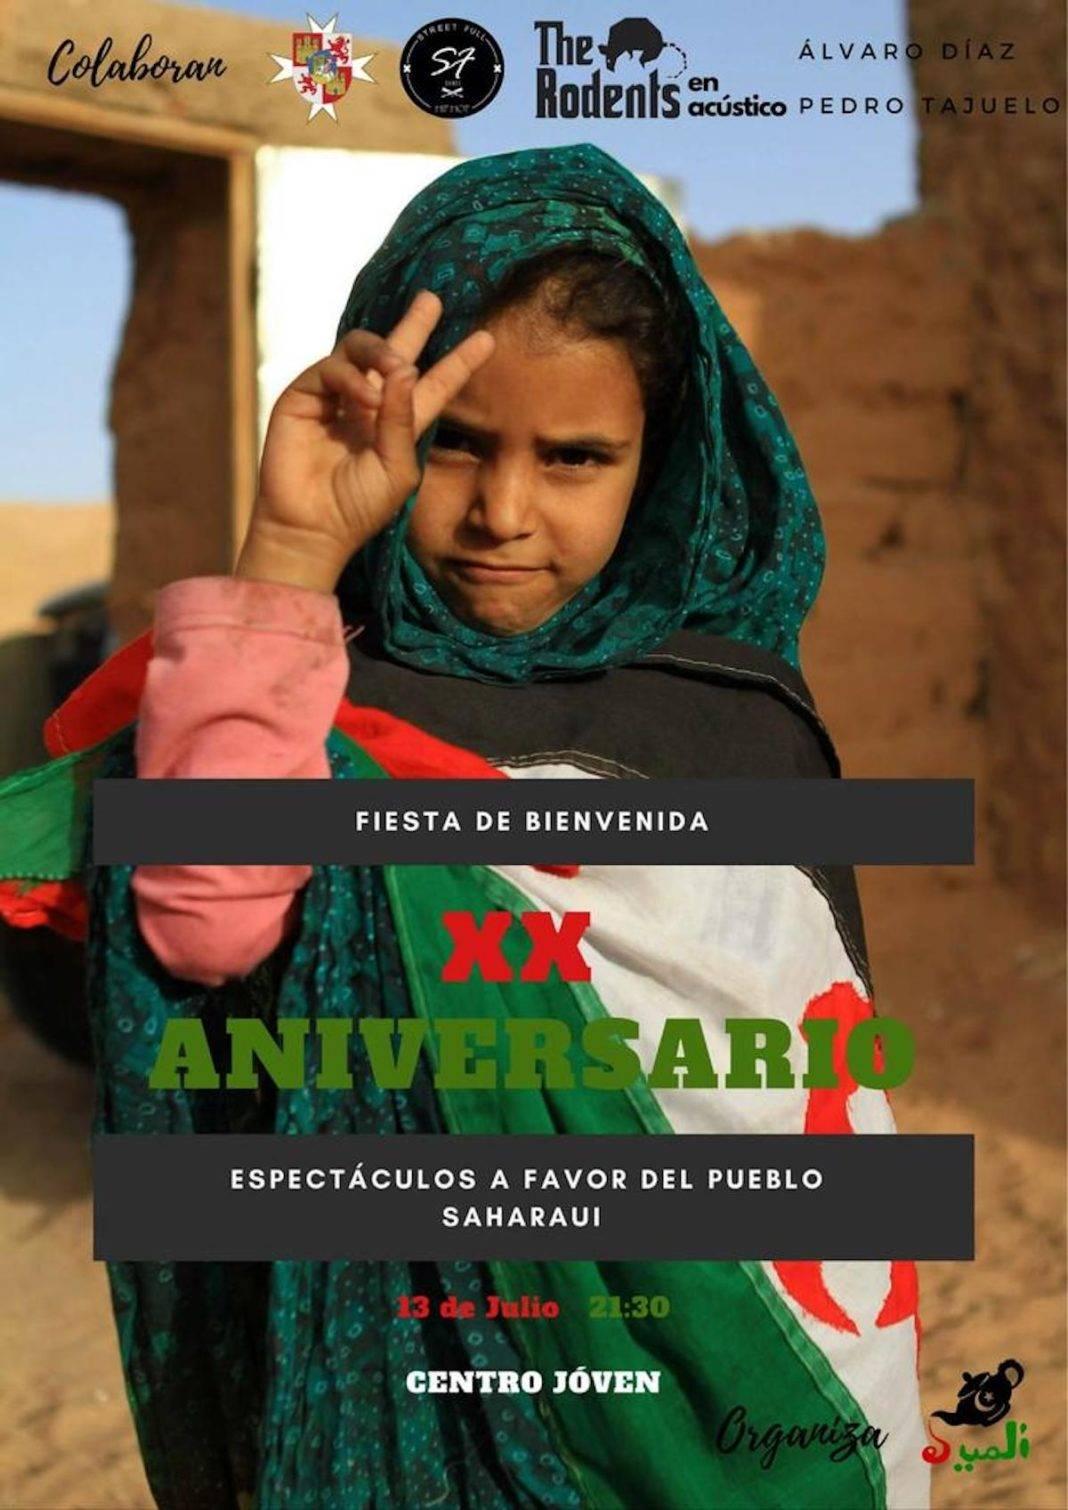 Fiesta de bienvenida XX Aniversario a favor del Pueblo Saharaui 1068x1510 - Fiesta de bienvenida XX Aniversario a favor del Pueblo Saharaui